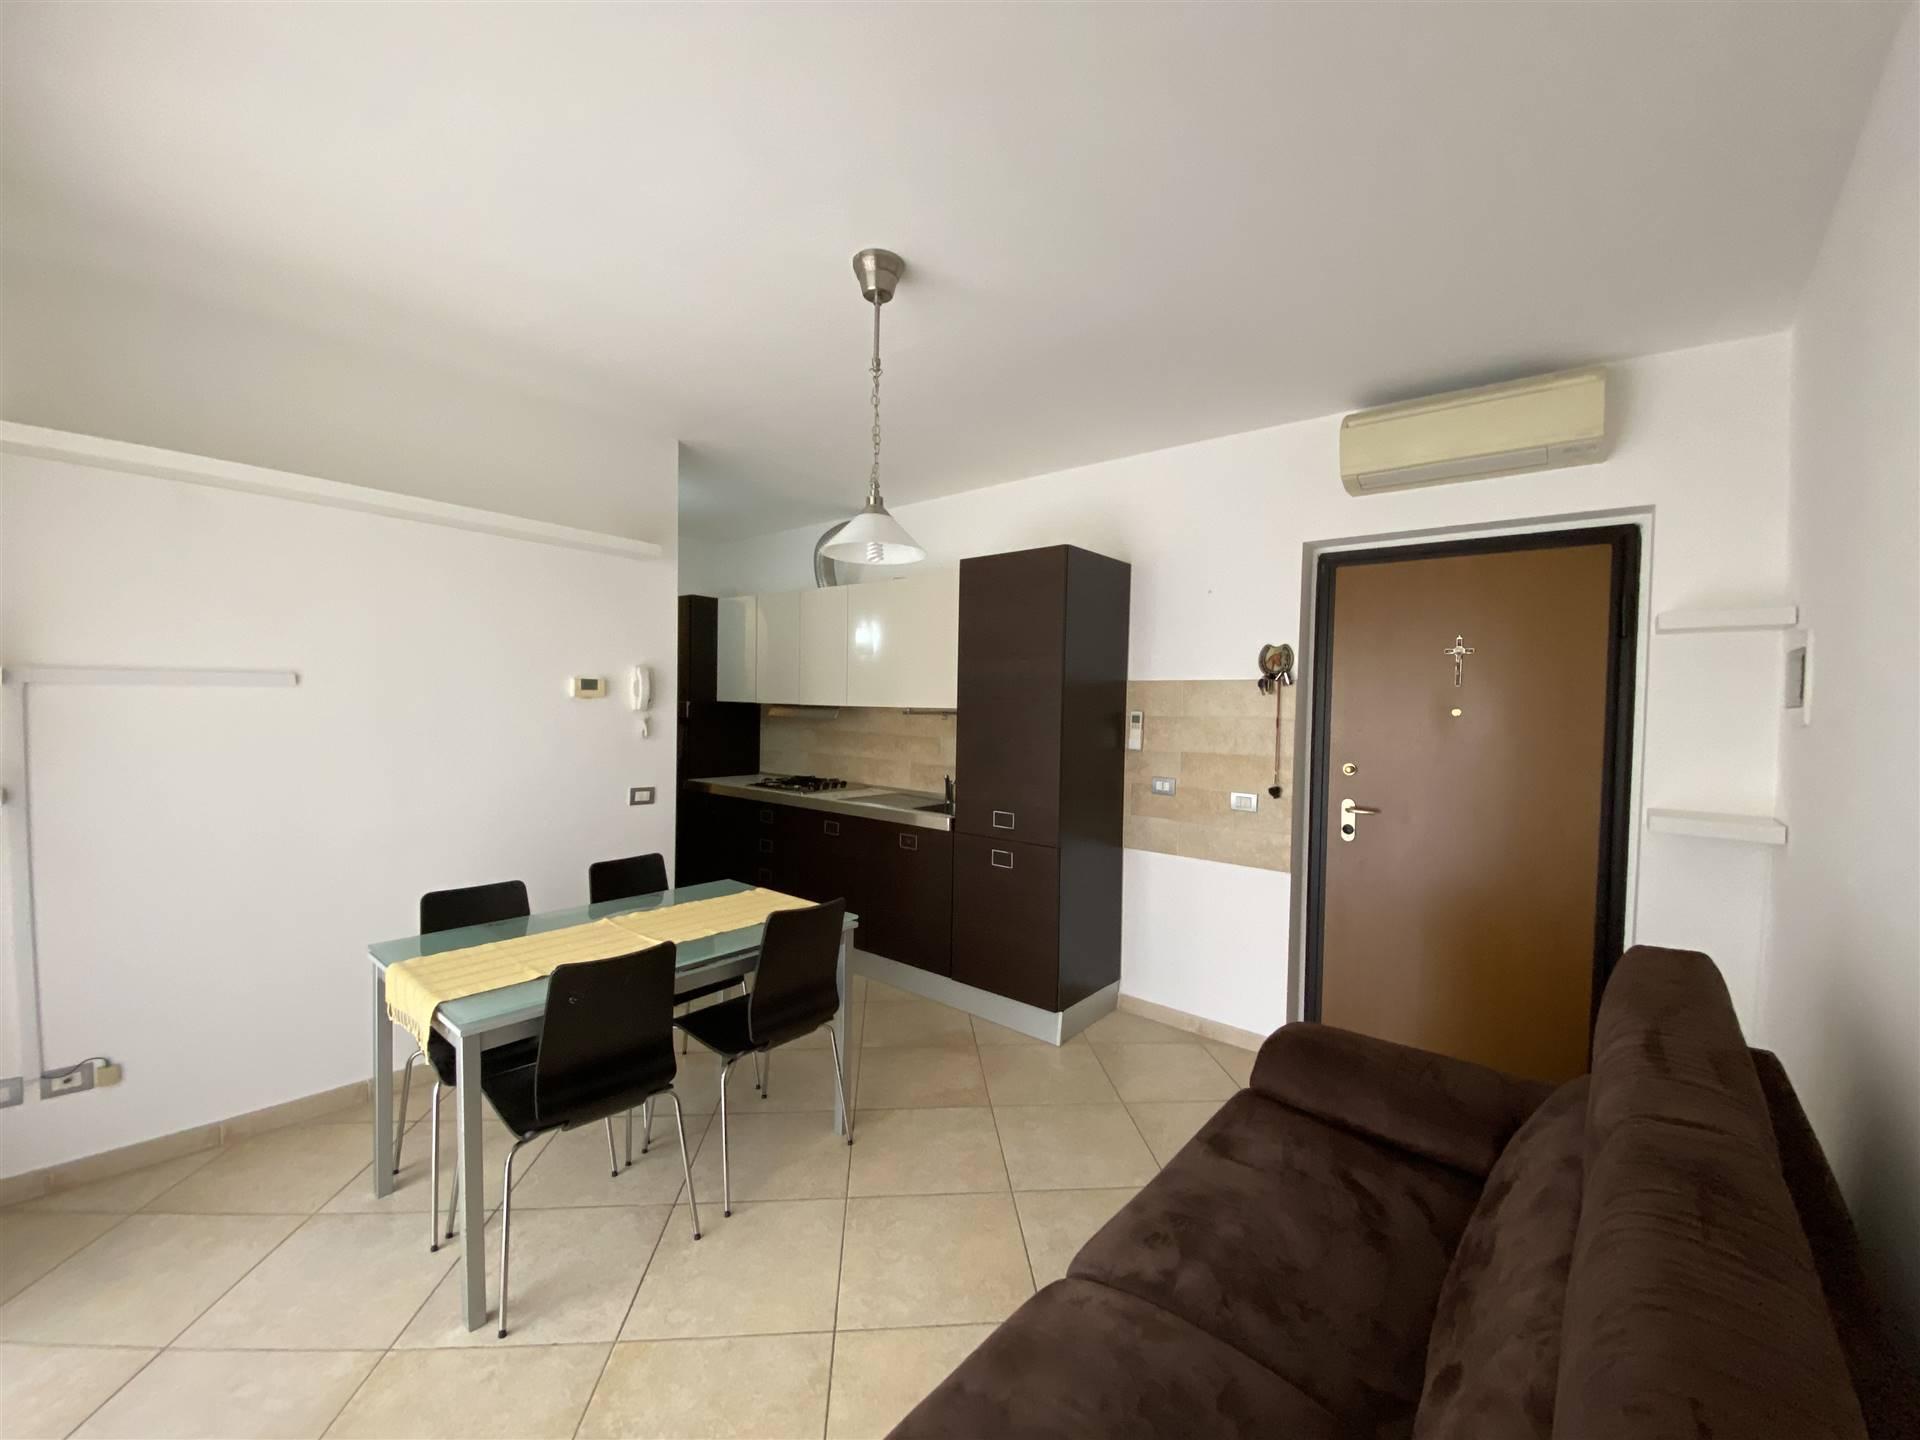 Appartamento in affitto a Villanterio, 2 locali, prezzo € 420 | CambioCasa.it